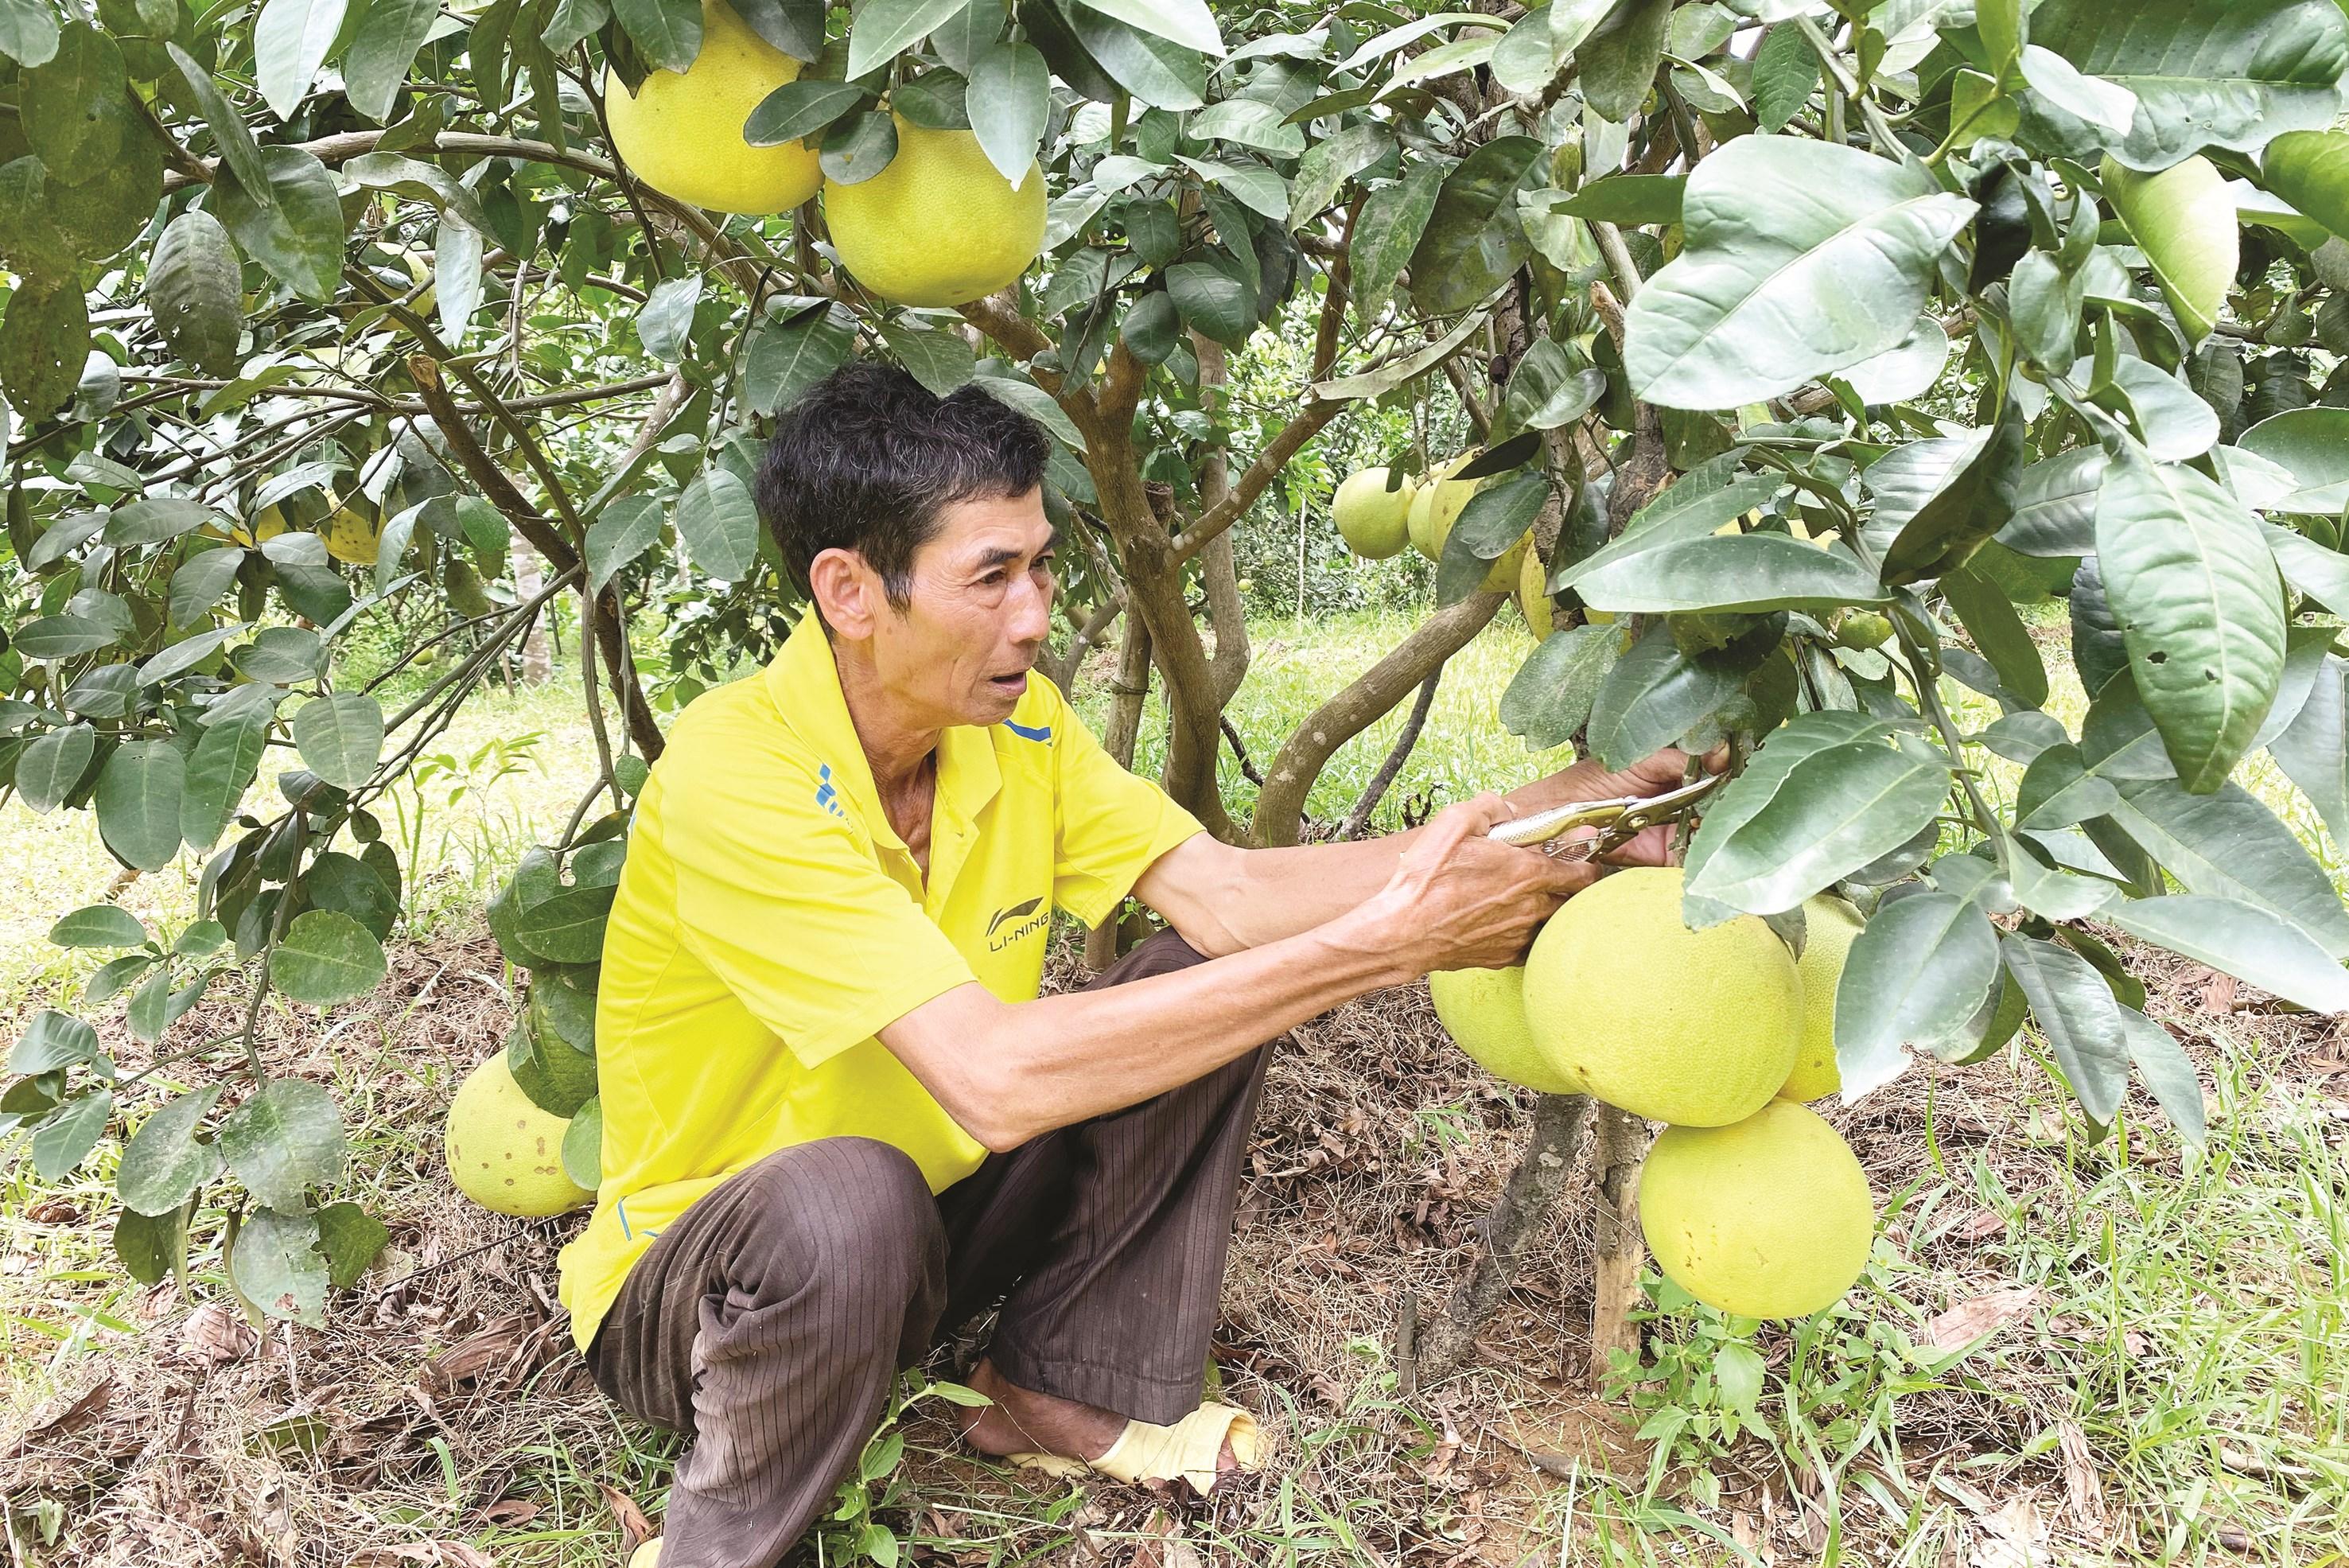 Ông Võ Tất - Hộ trồng bưởi ở xã Phúc Trạch cho biết, mỗi quả bưởi bán lẻ có giá 35.000 đồng